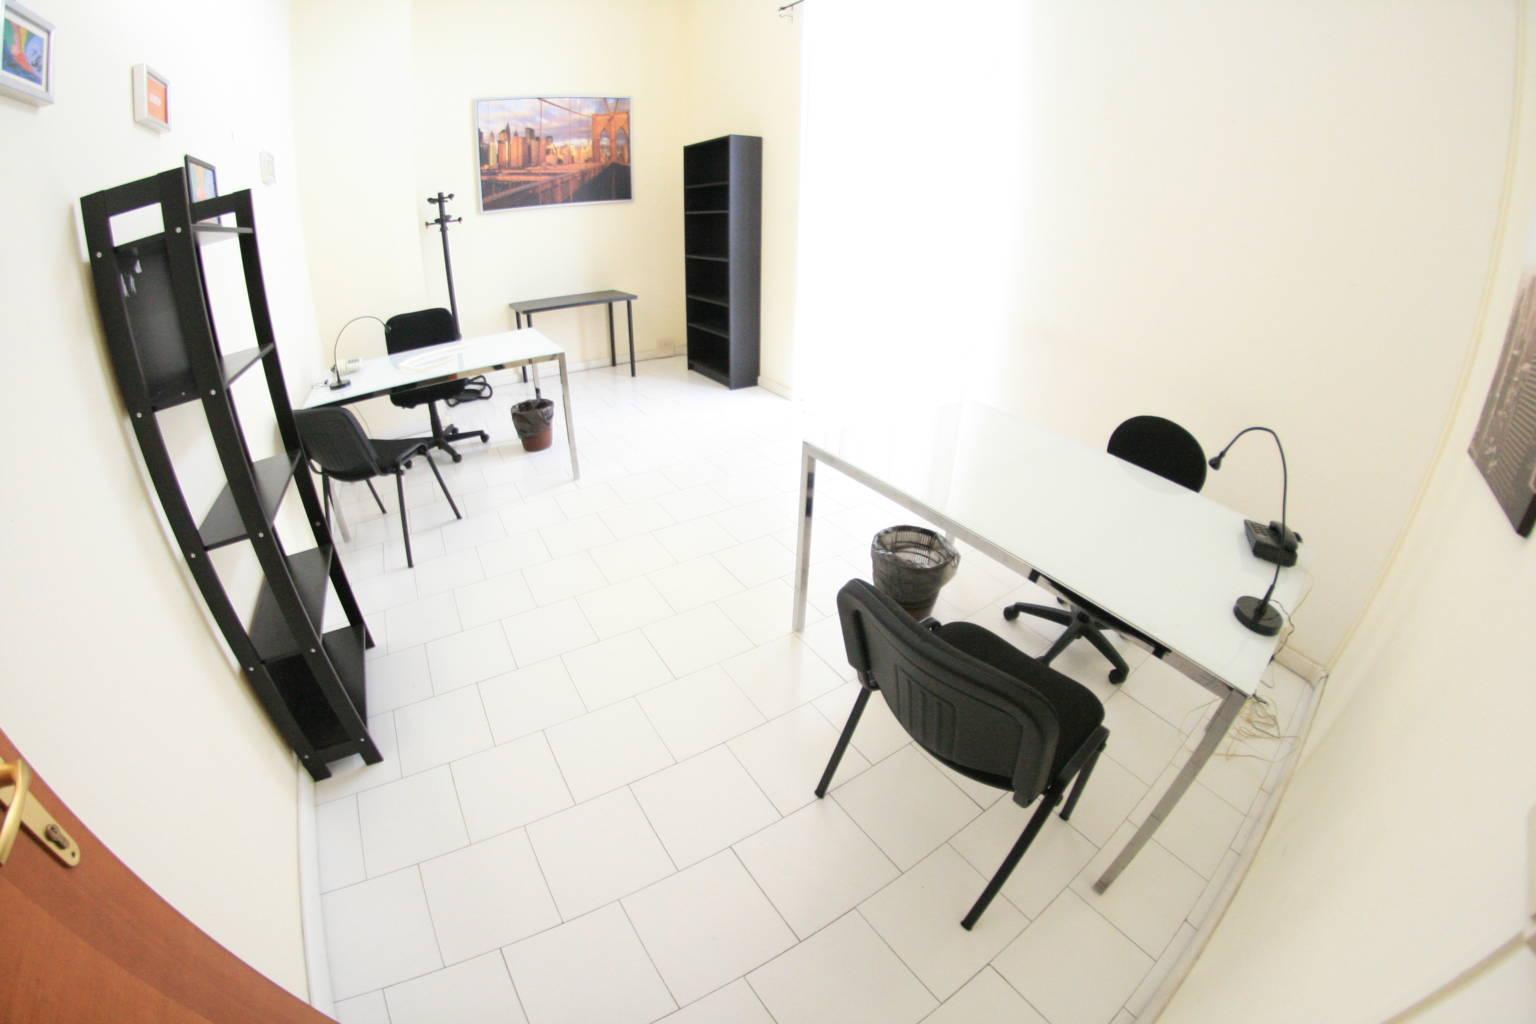 Napoli affitto locale attrezzato pronto all'uso con parcheggio €200 mese